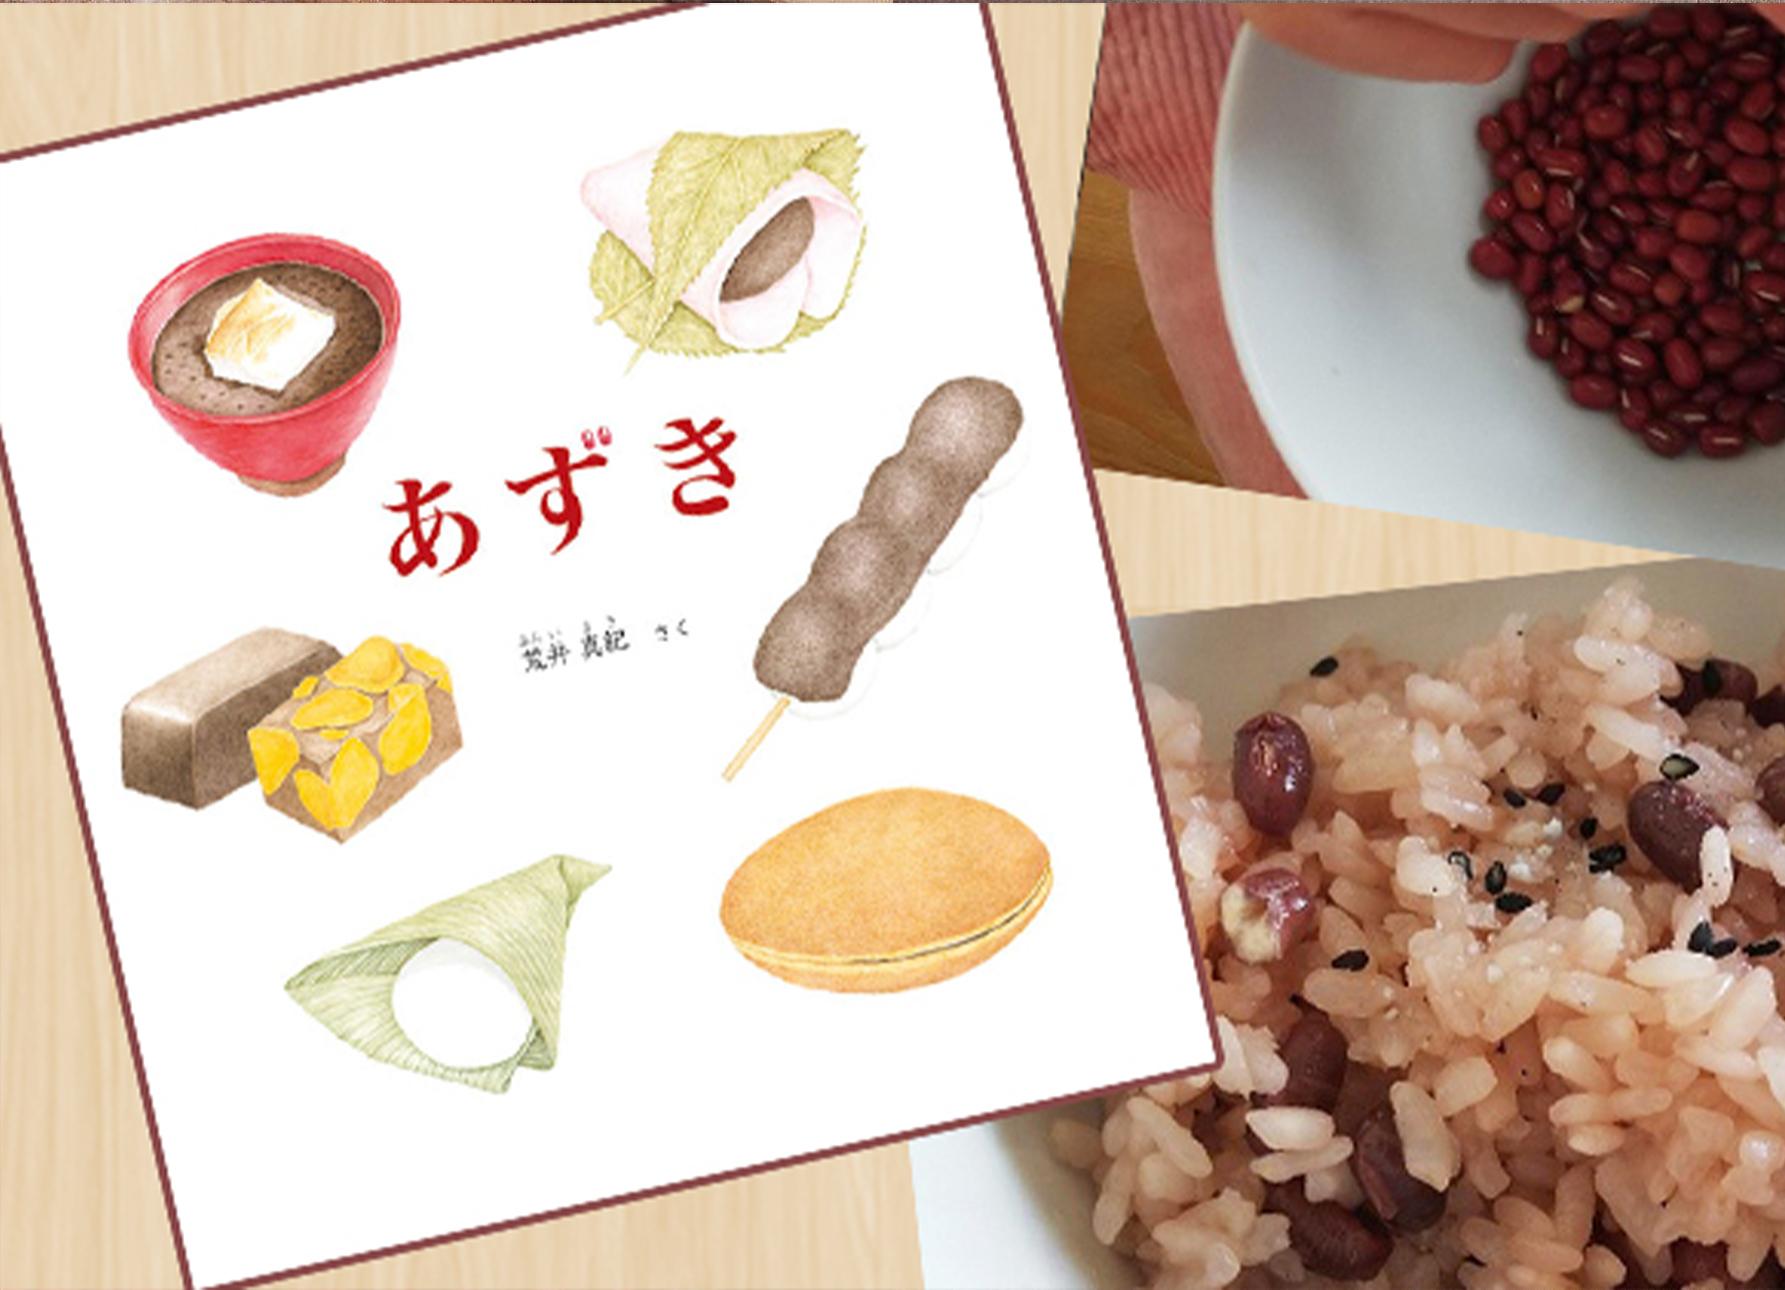 絵本「あずき」を読んで、お赤飯づくりにチャレンジ!